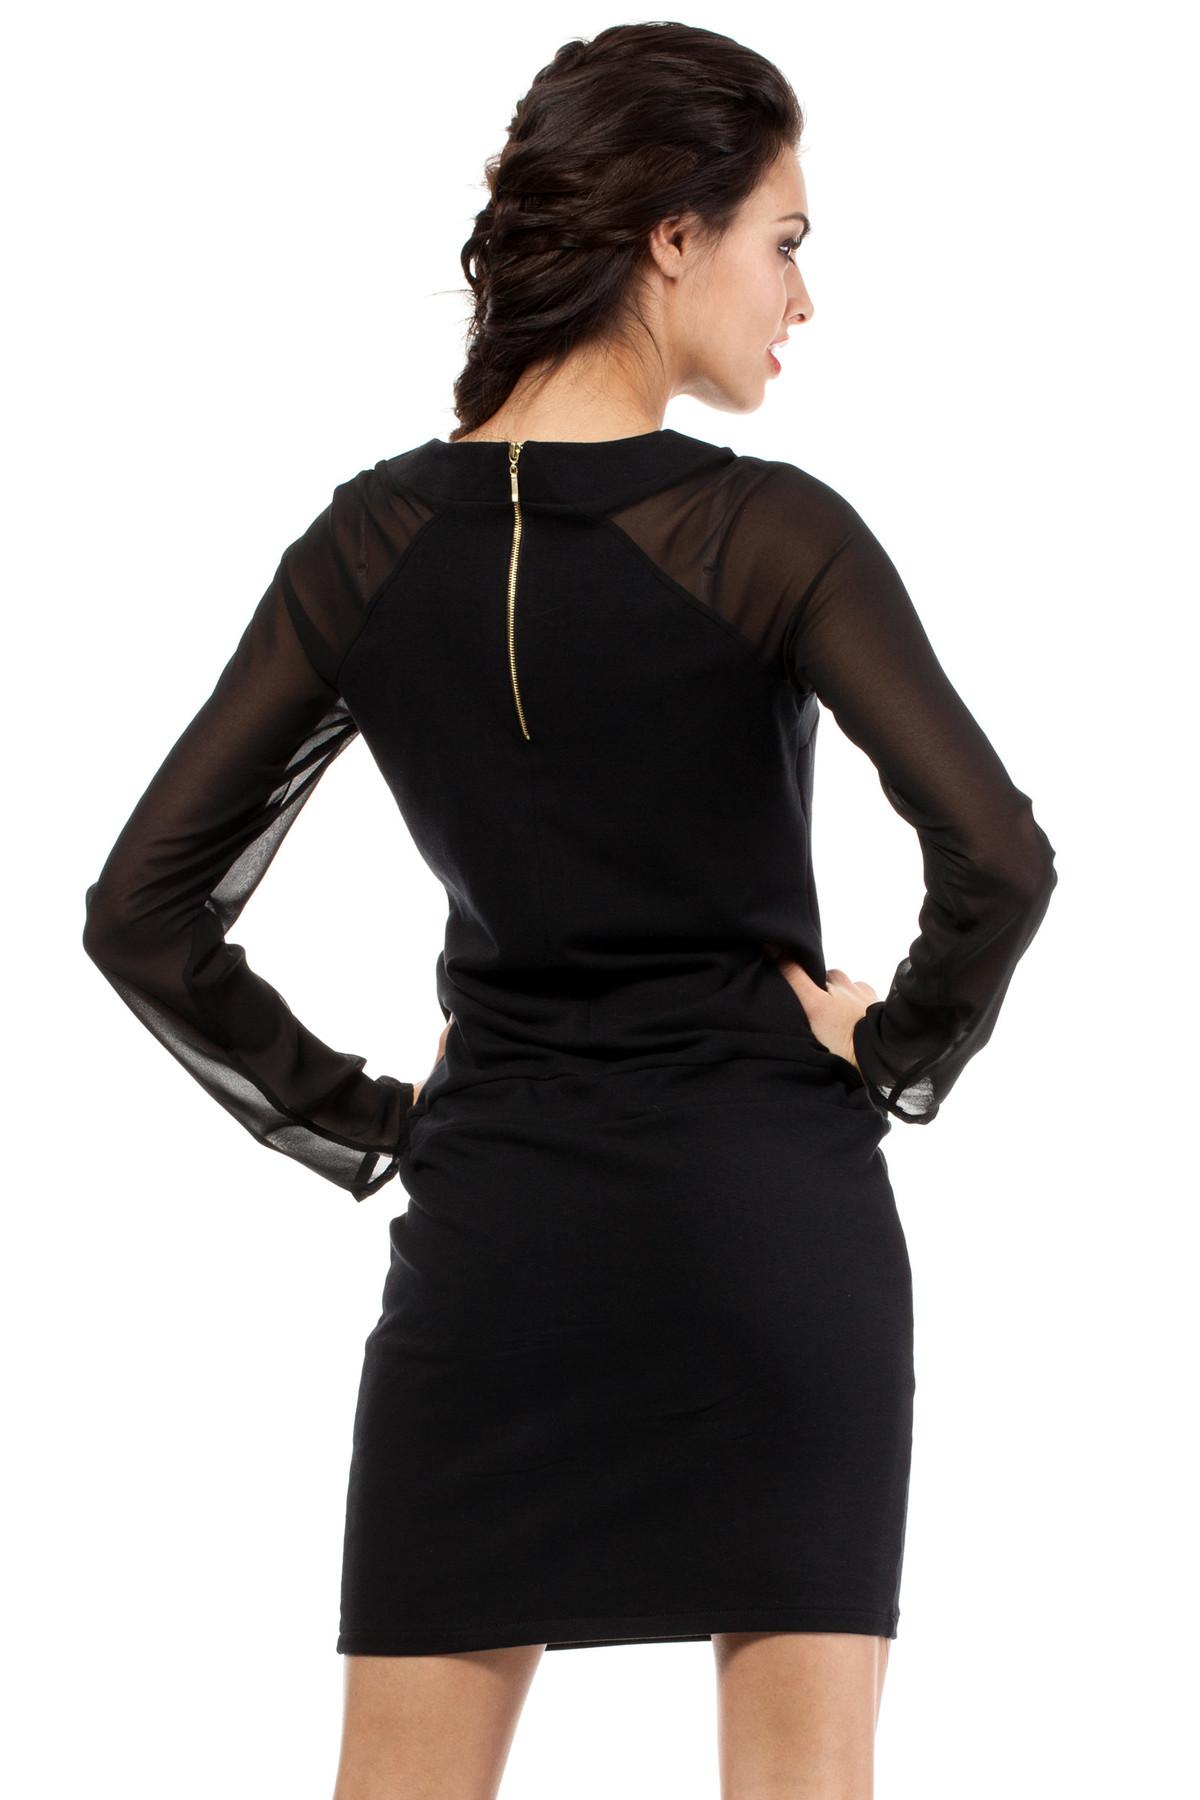 Charmant Bestes Cocktail Kleid Für Apfelform Galerie - Brautkleider ...